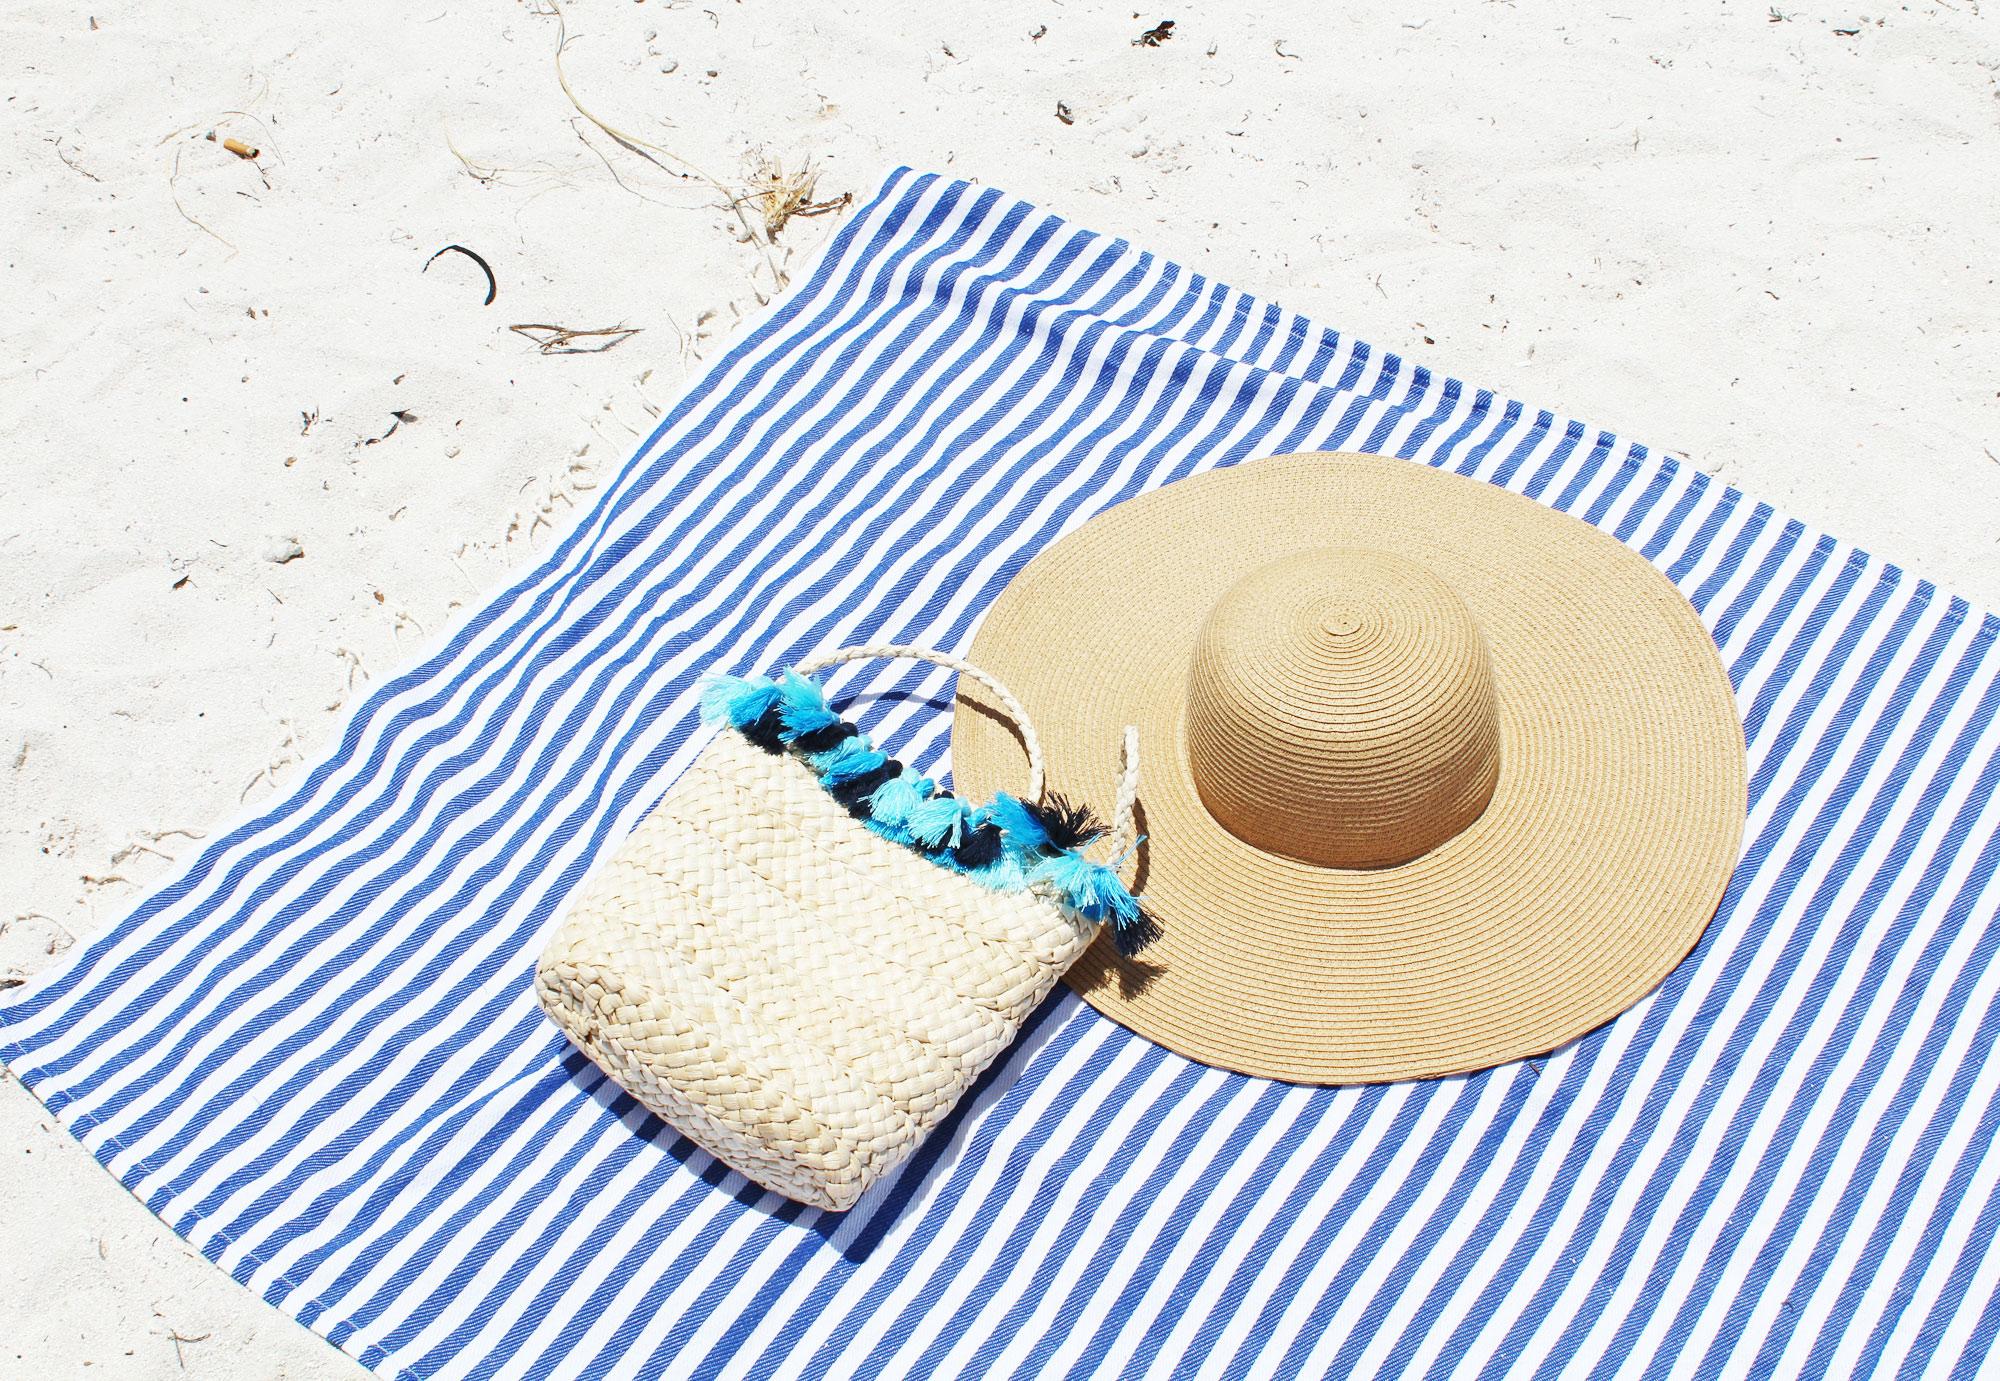 Beach essentials: straw bag + straw hat + striped towel — Cotton Cashmere Cat Hair